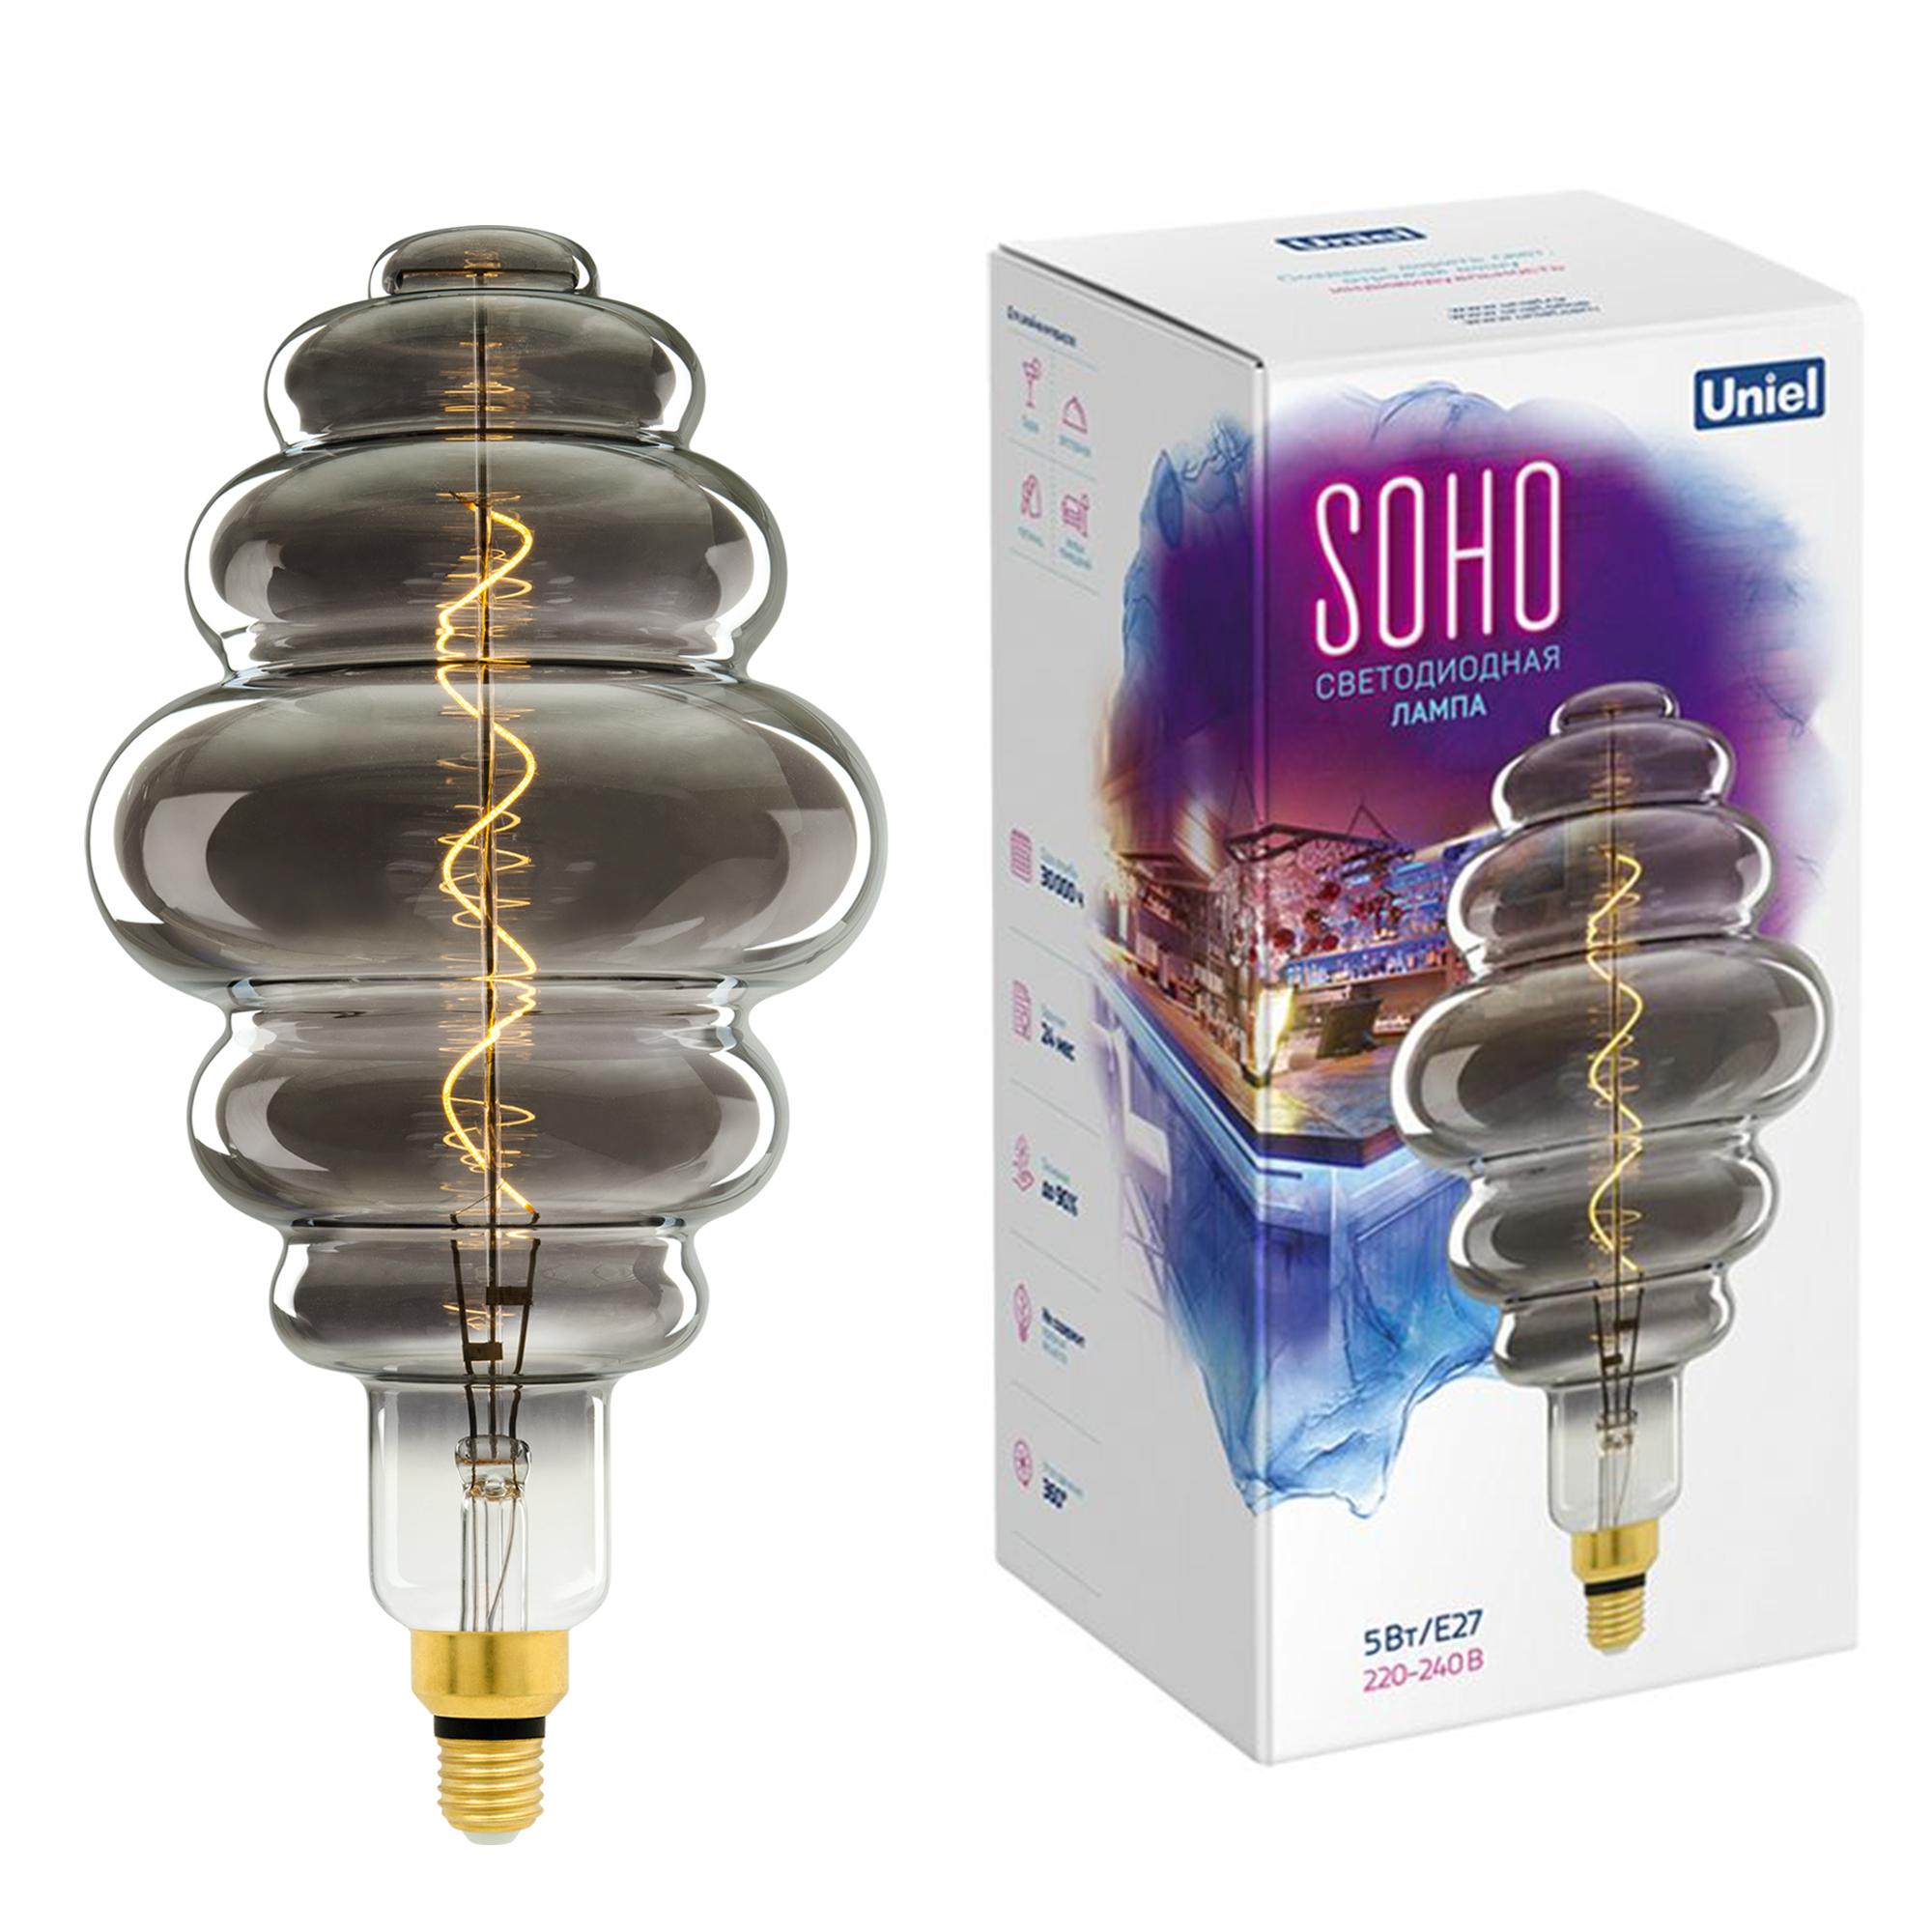 LED-SF40-5W/SOHO/E27/CW CHROME/SMOKE GLS77CR